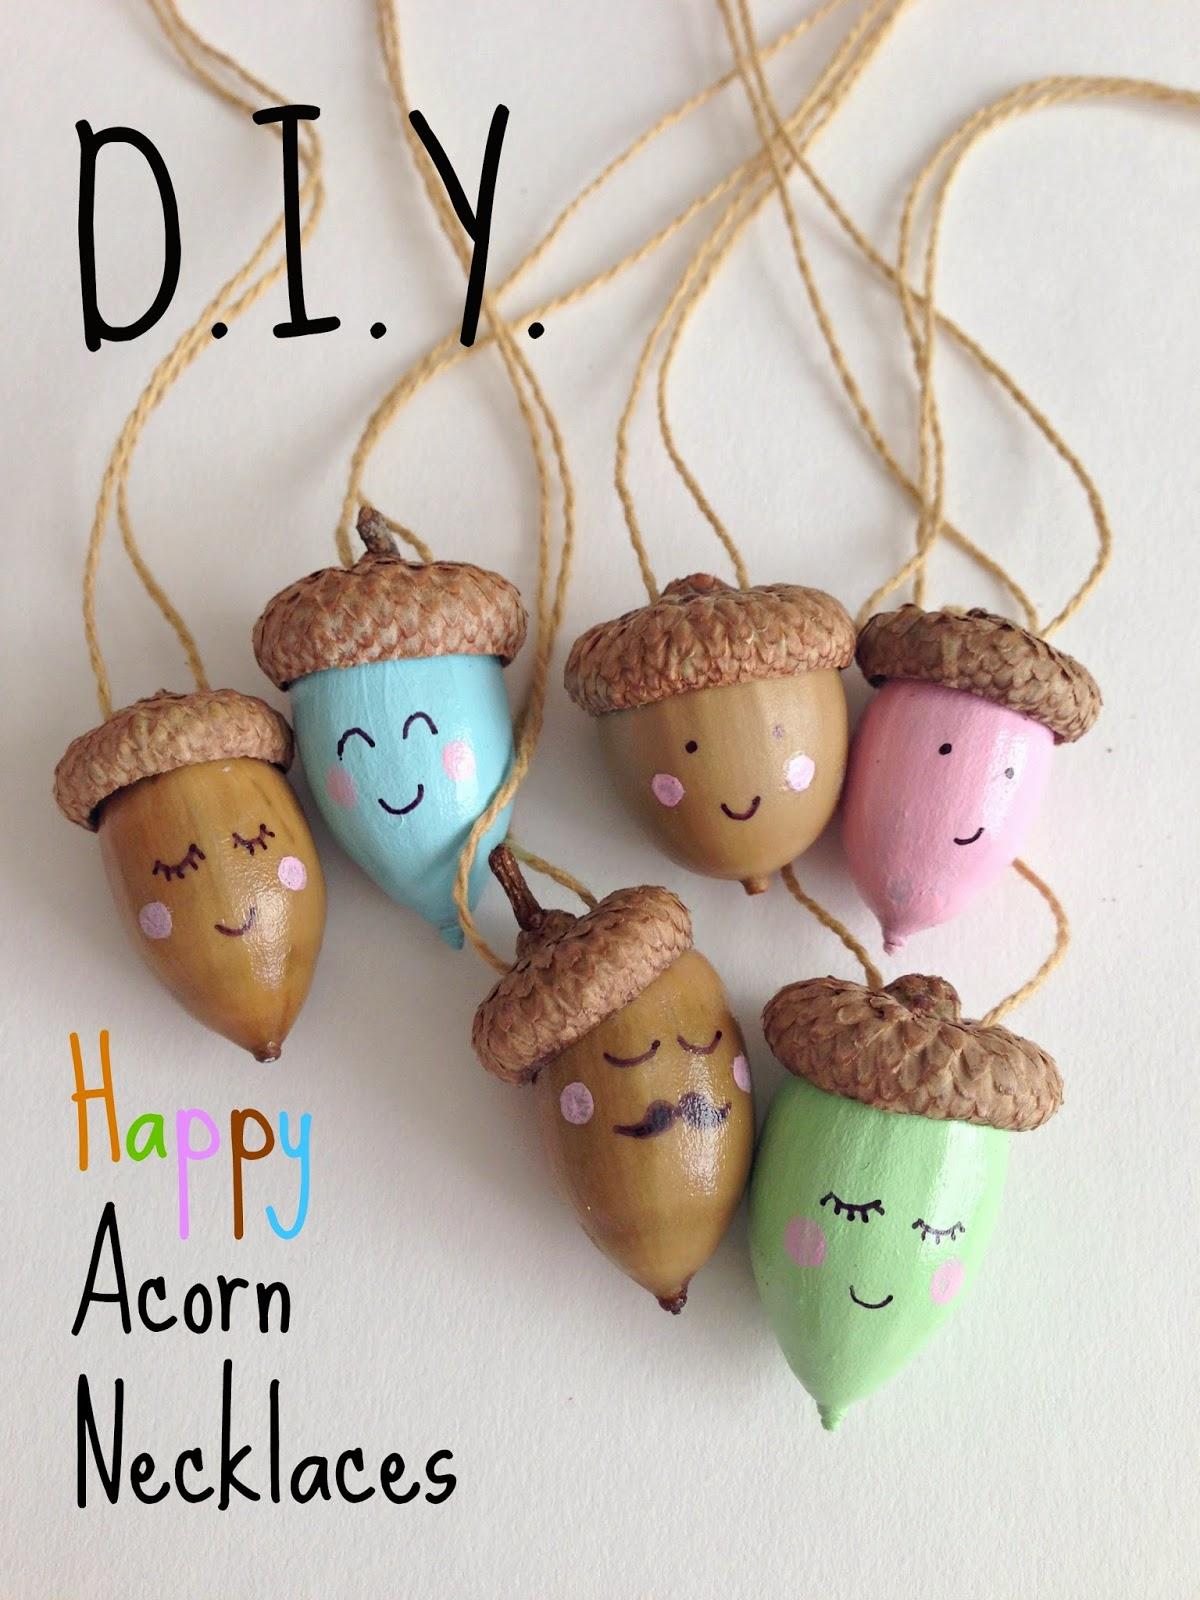 Whimsy love diy happy acorn necklaces for Diy acorn crafts